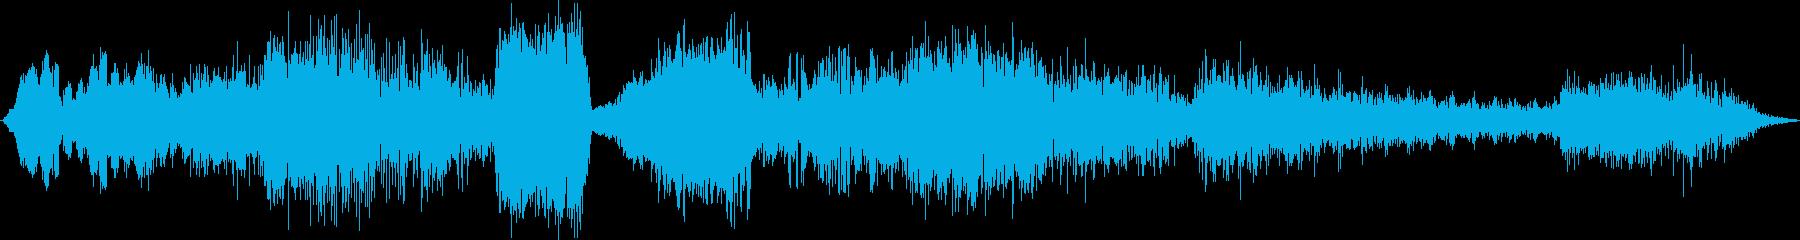 ヘビーハイテクテレメトリの電源ボタ...の再生済みの波形